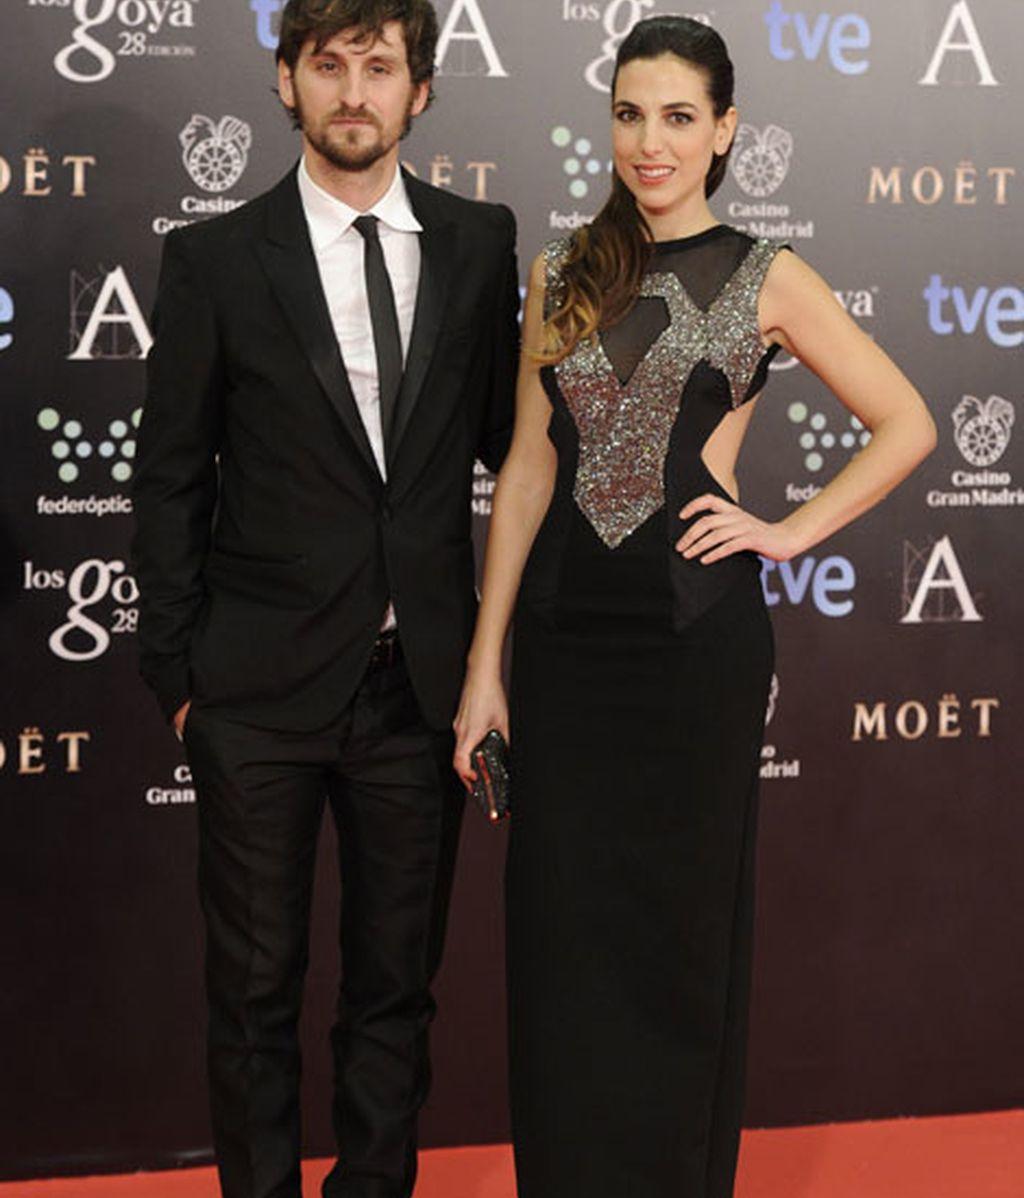 Raúl Arévalo de Just Cavalli y Alicia Rubio